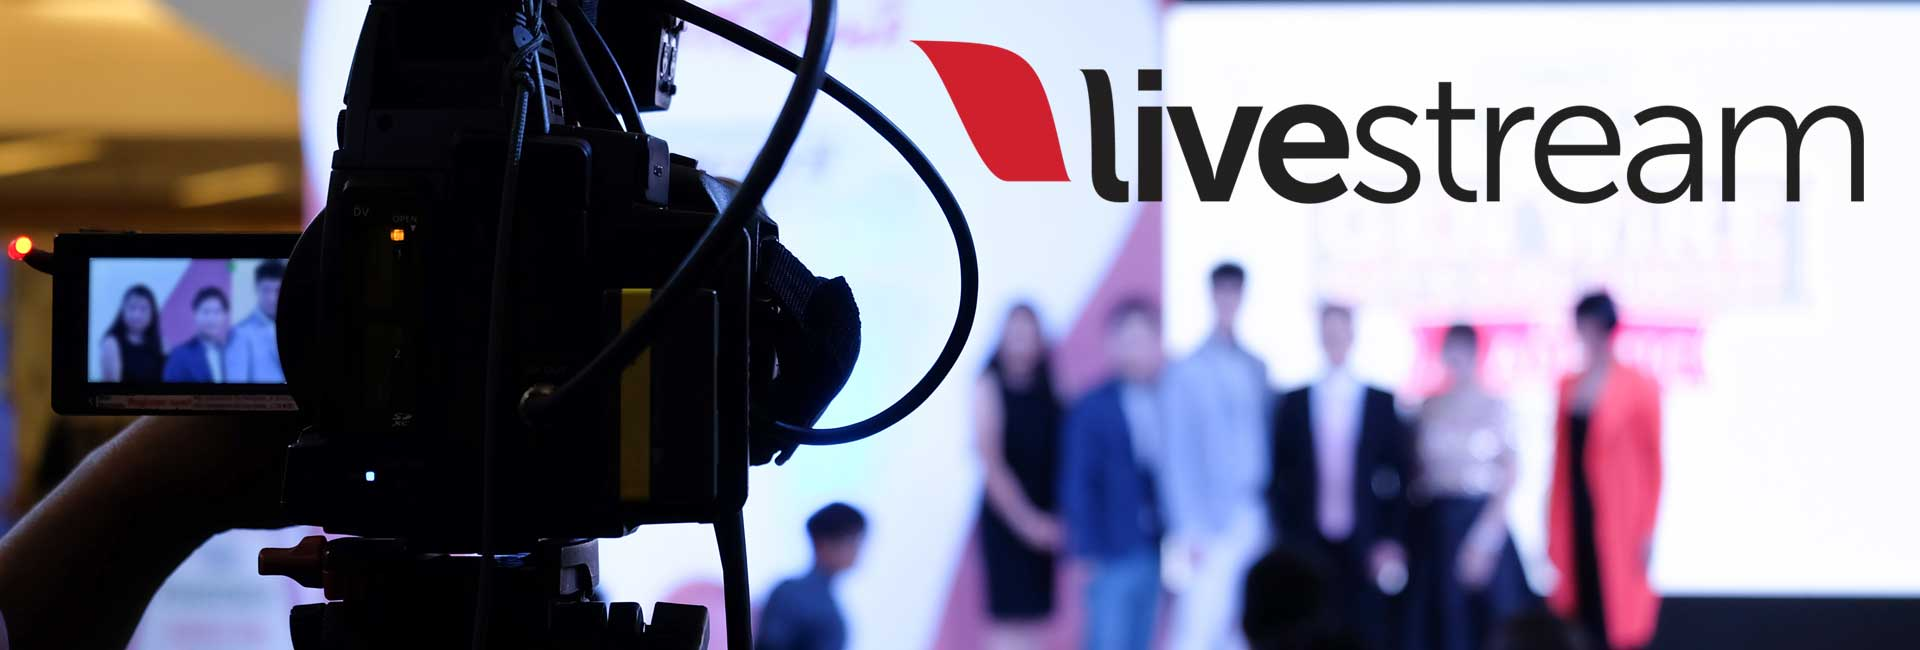 livestream webcast company to stream to facebook live 360